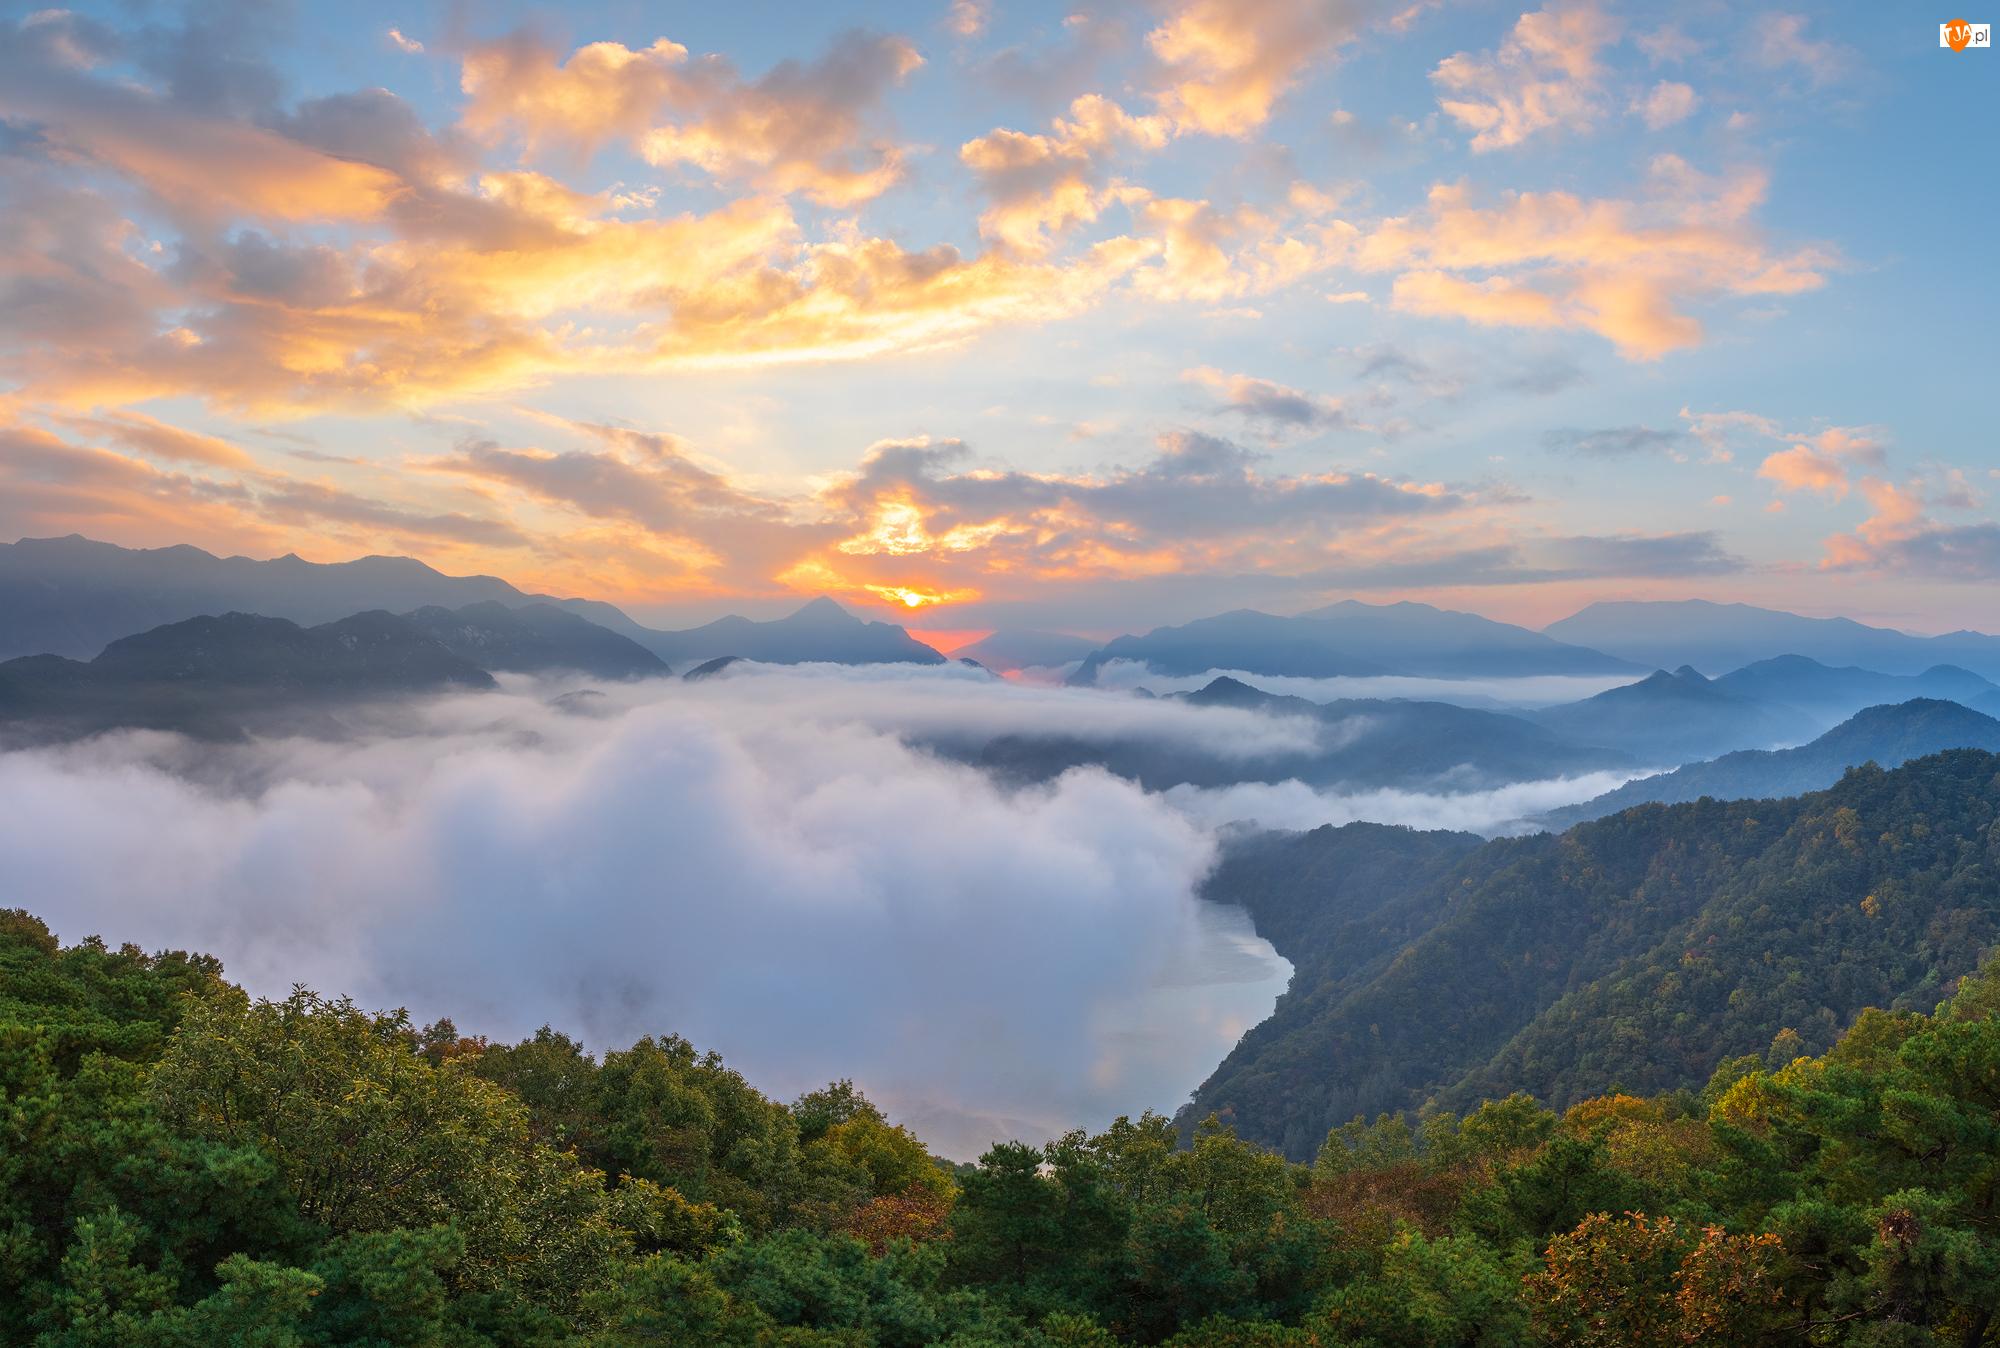 Mgła, Góry, Roślinność, Chmury, Drzewa, Wschód słońca